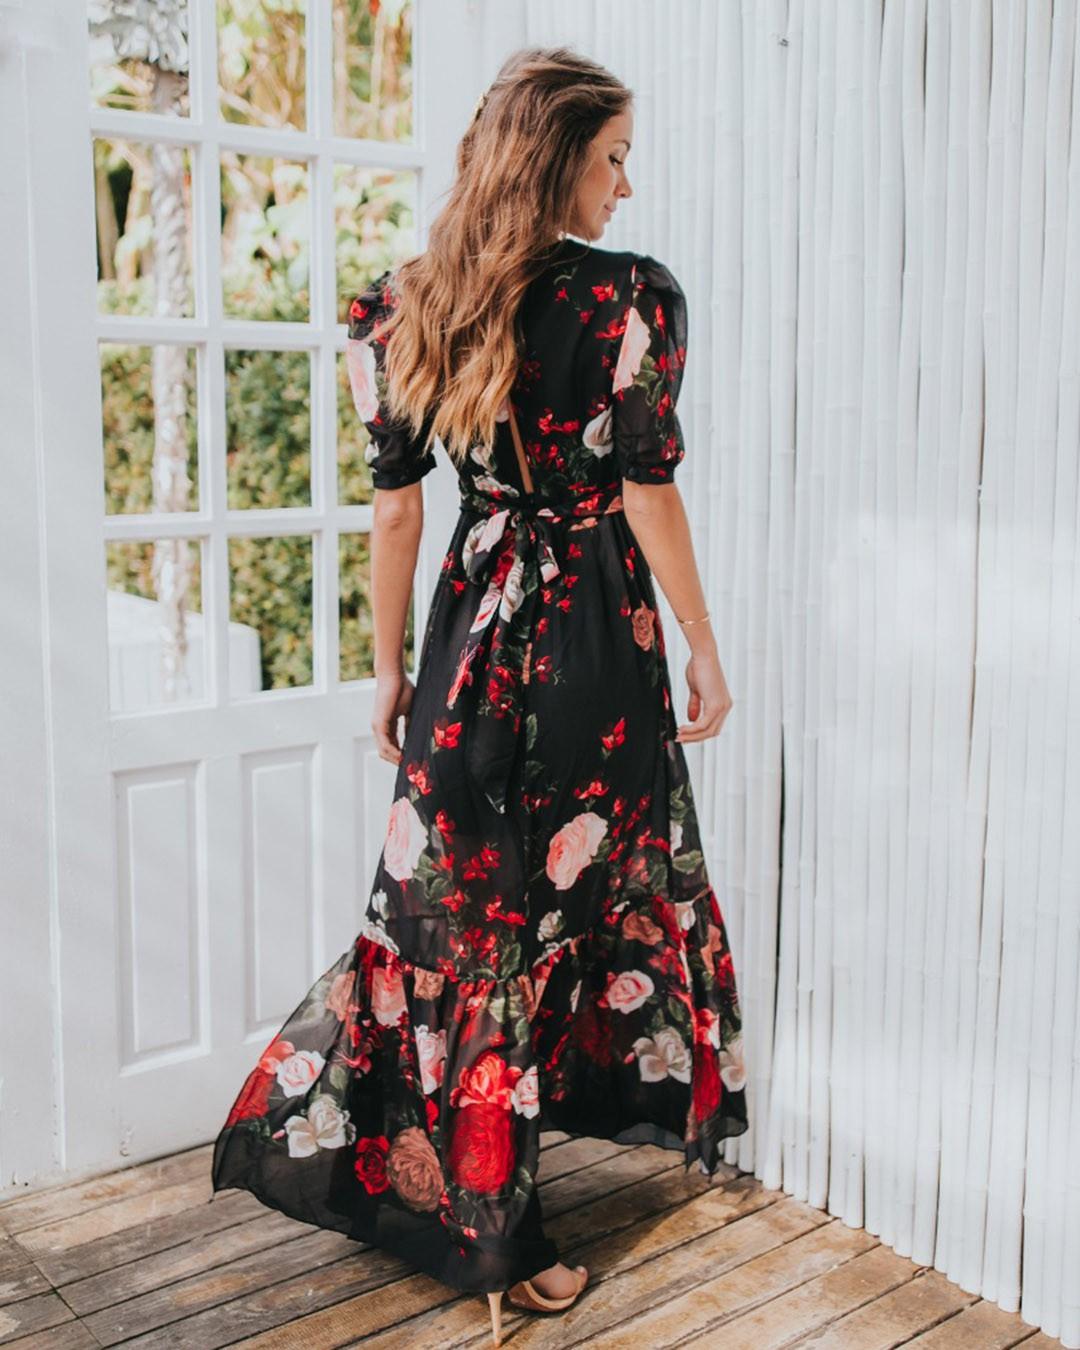 Vestido Longo Soltinho c/ Fenda Estampa Floral Preto Poema Hit